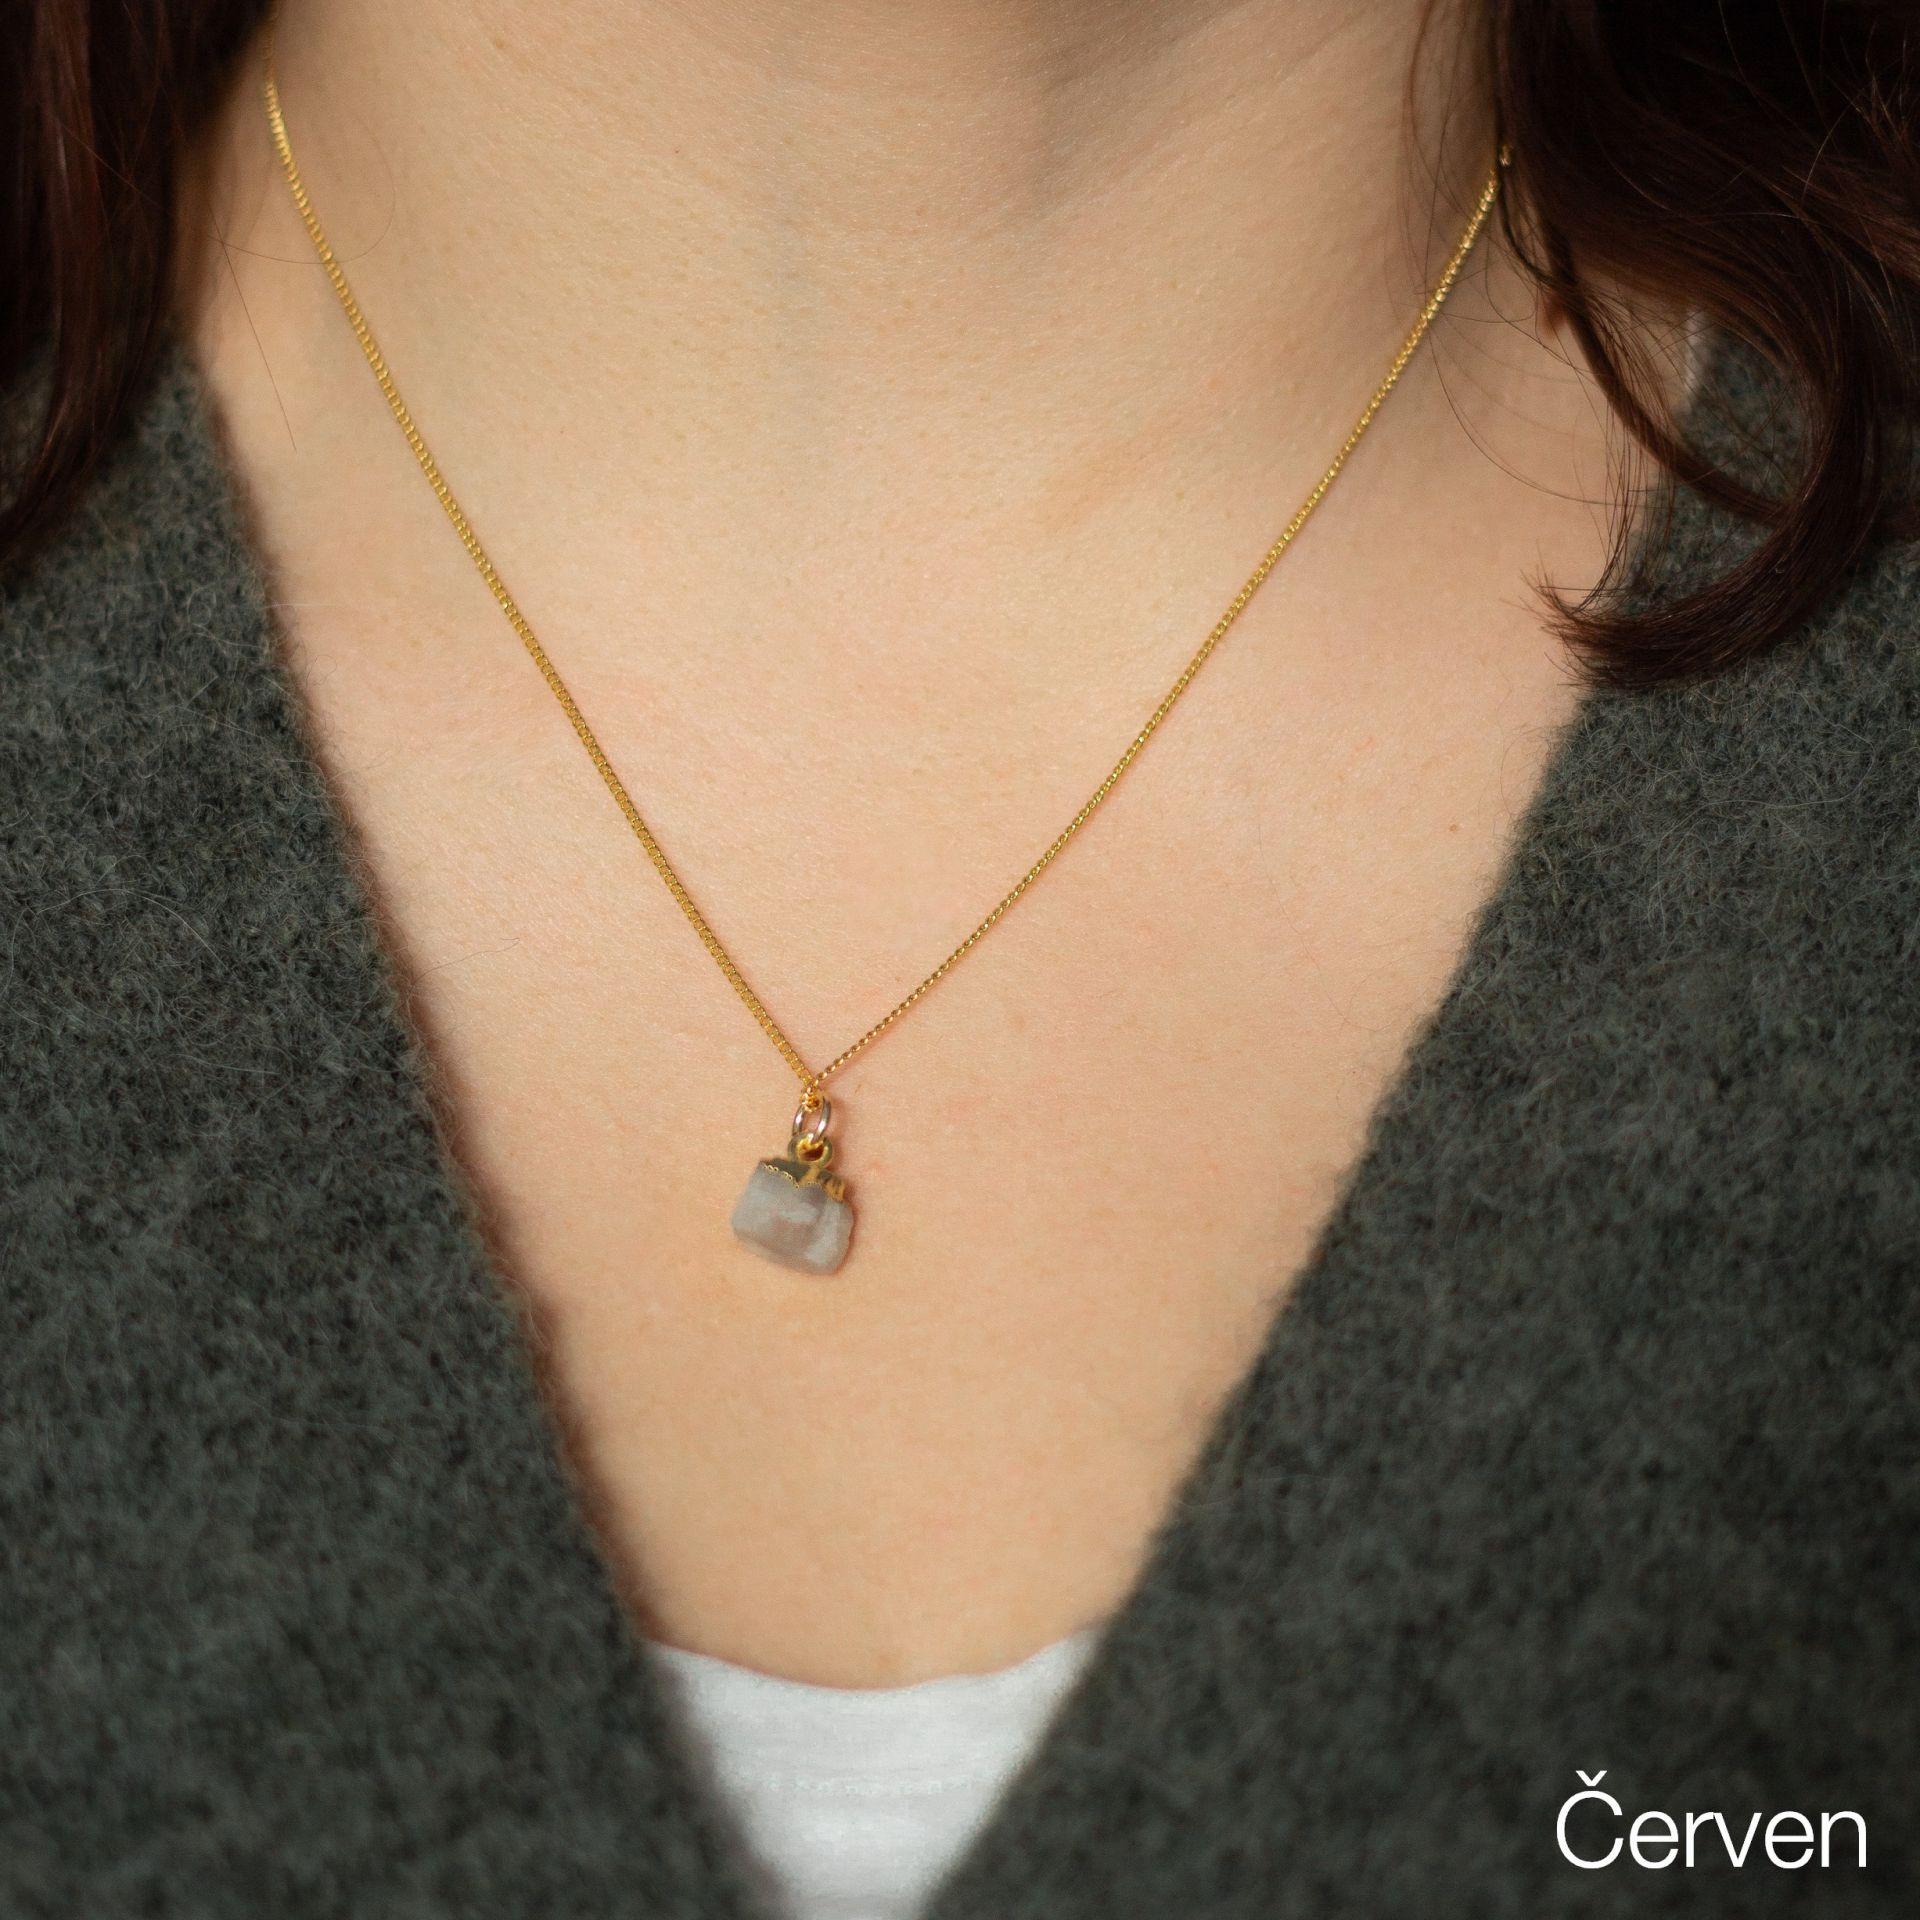 DECADORN Pozlacený řetízek s narozeninovým kamenem Birthstone Červen - měsíční k., multi barva, zlatá barva, kov, kámen